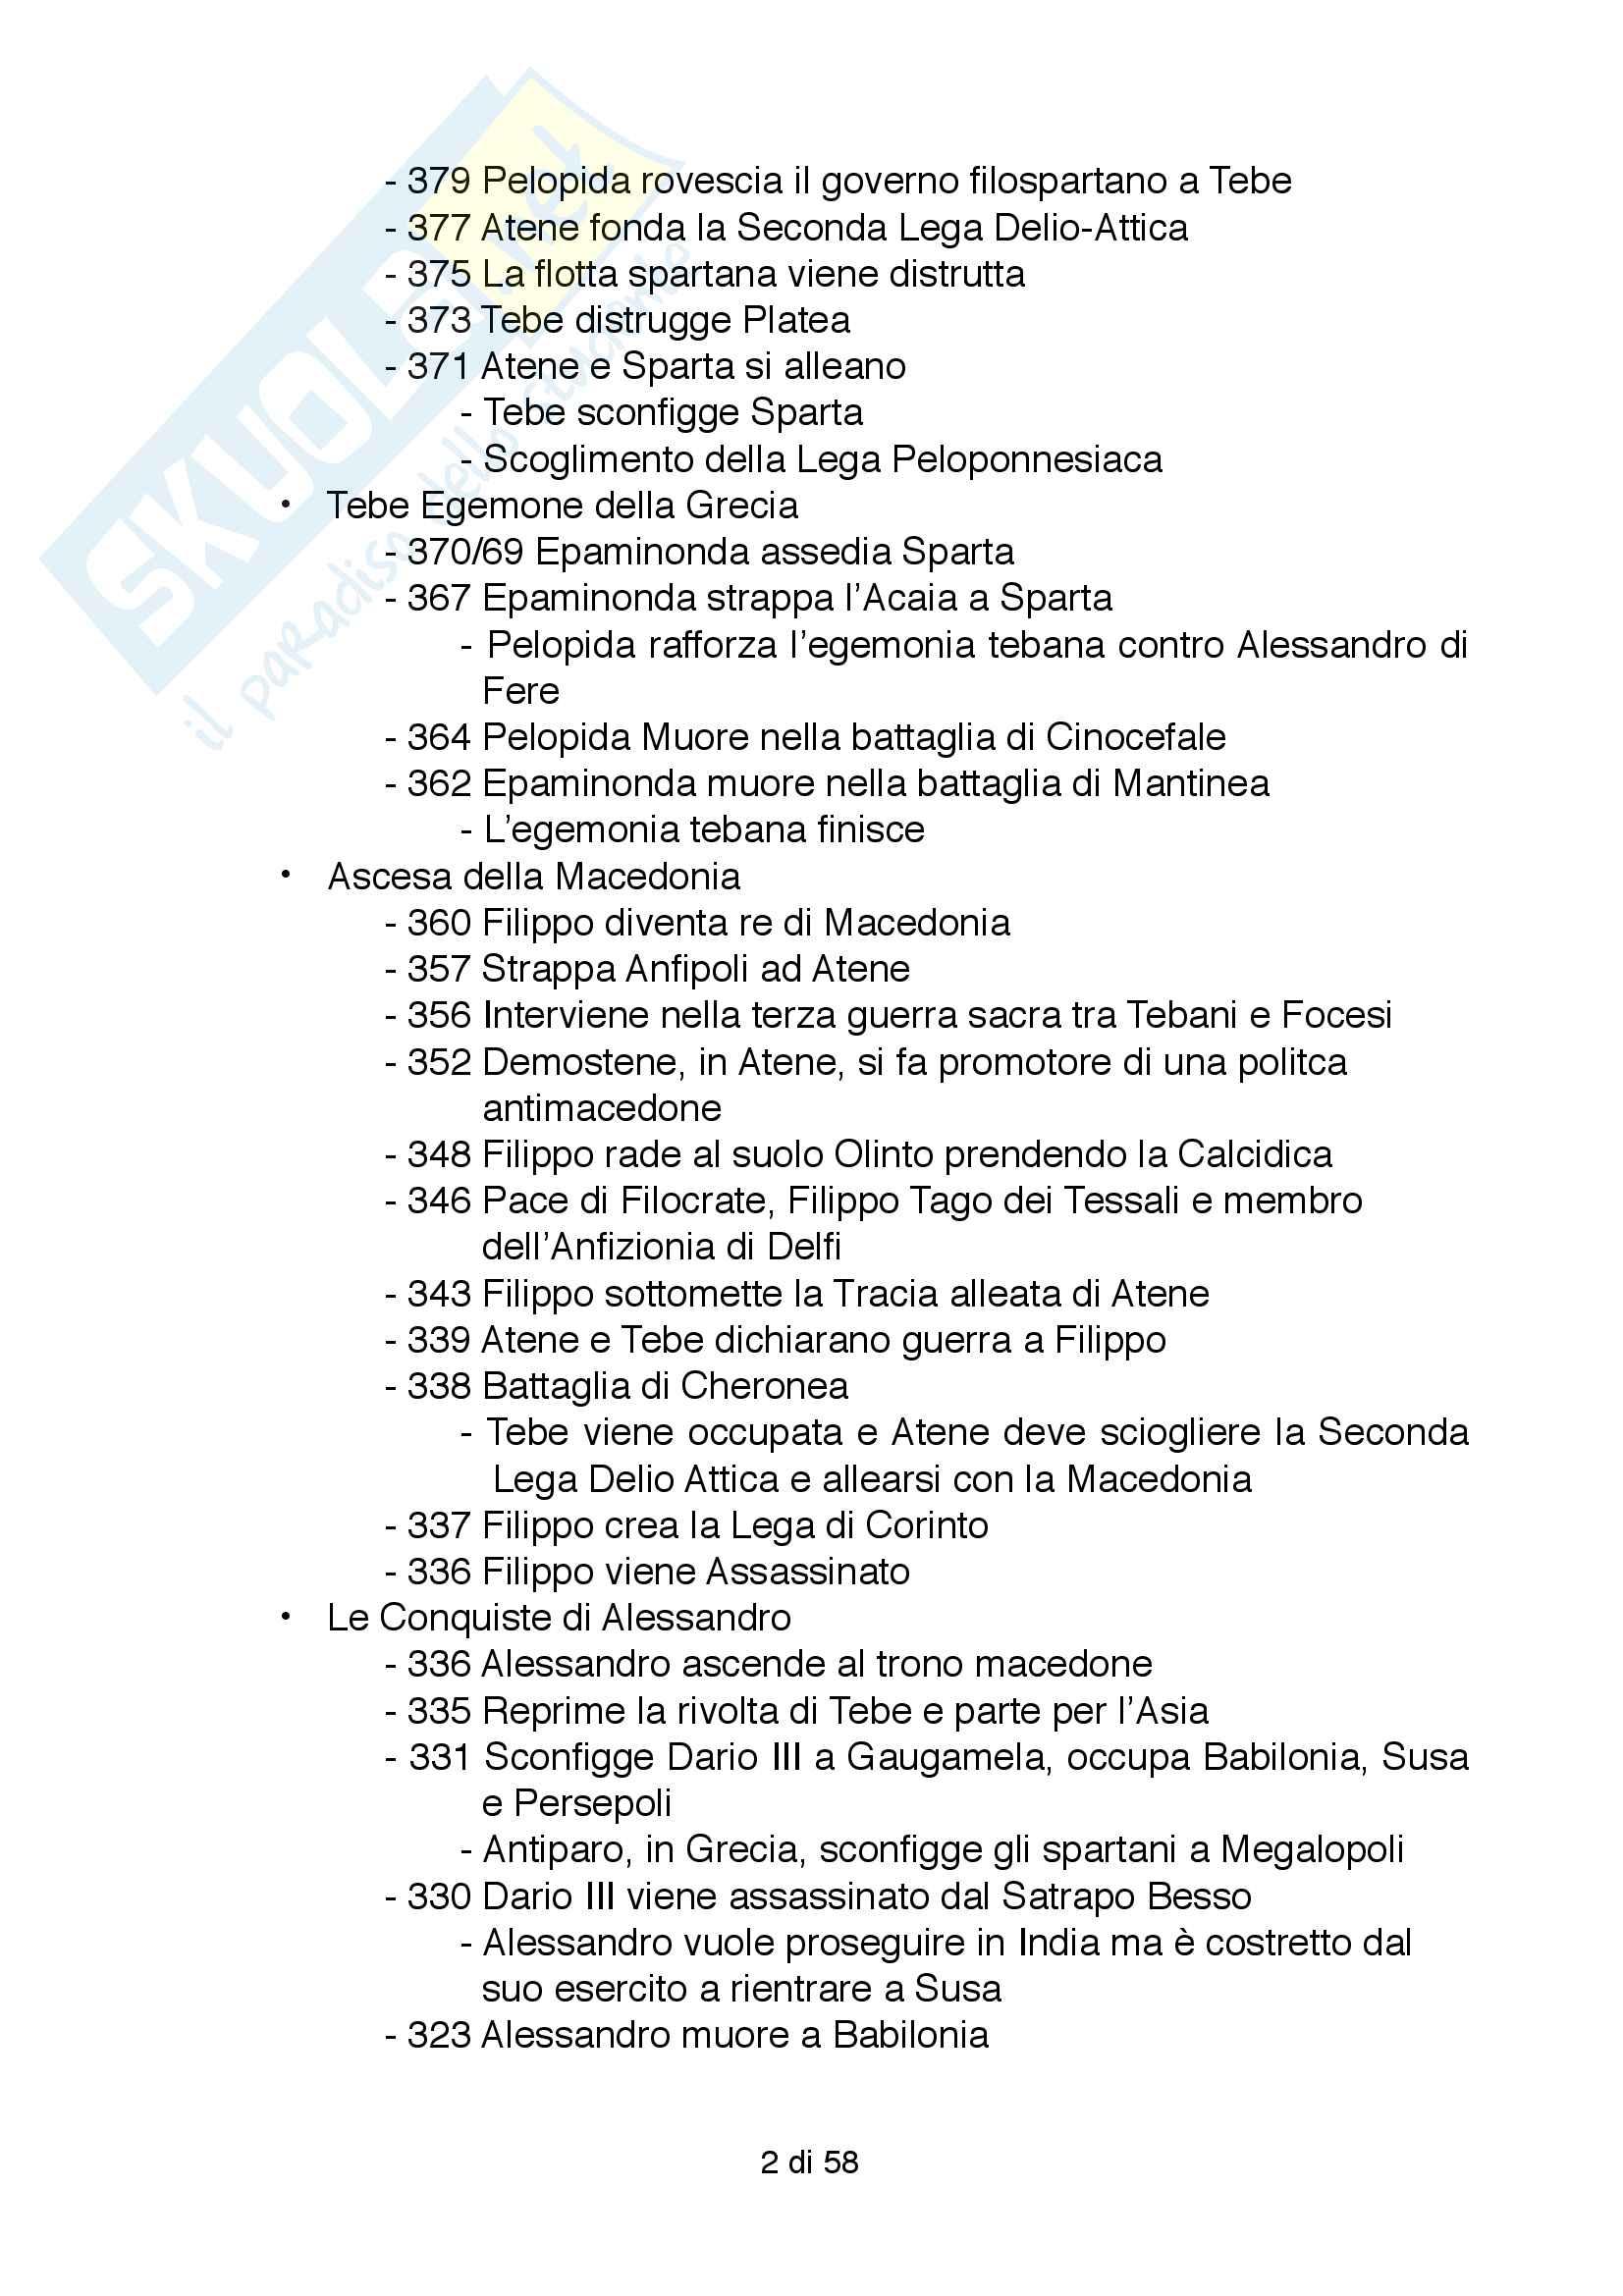 Riassunto esame Storia Greca, Docente Bianchetti Serena, Unversità degli Studi di Firenze Pag. 2